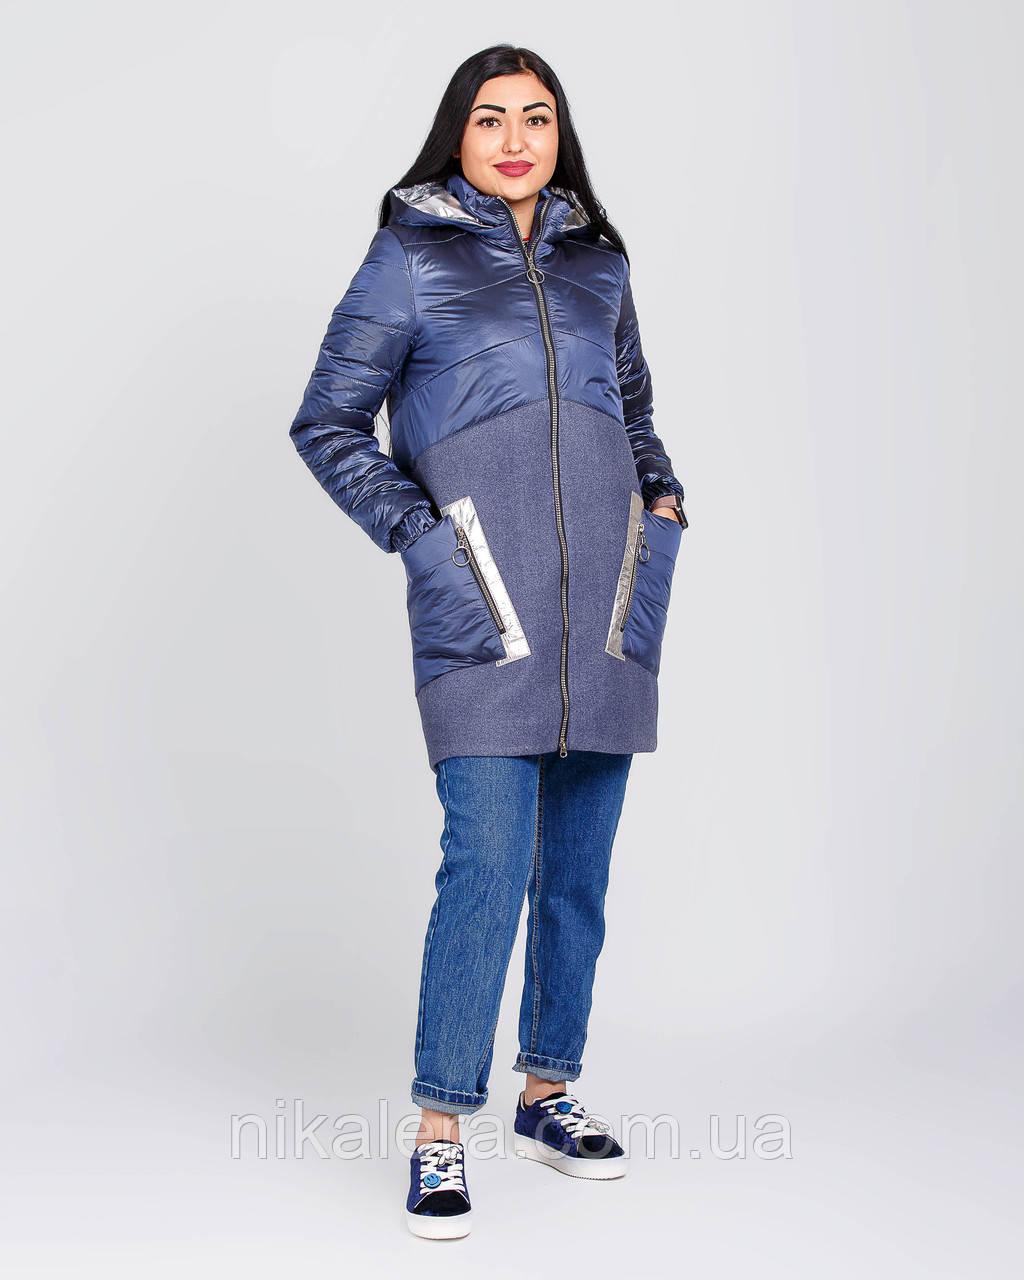 Куртка женская с кашемиром рр 42-52